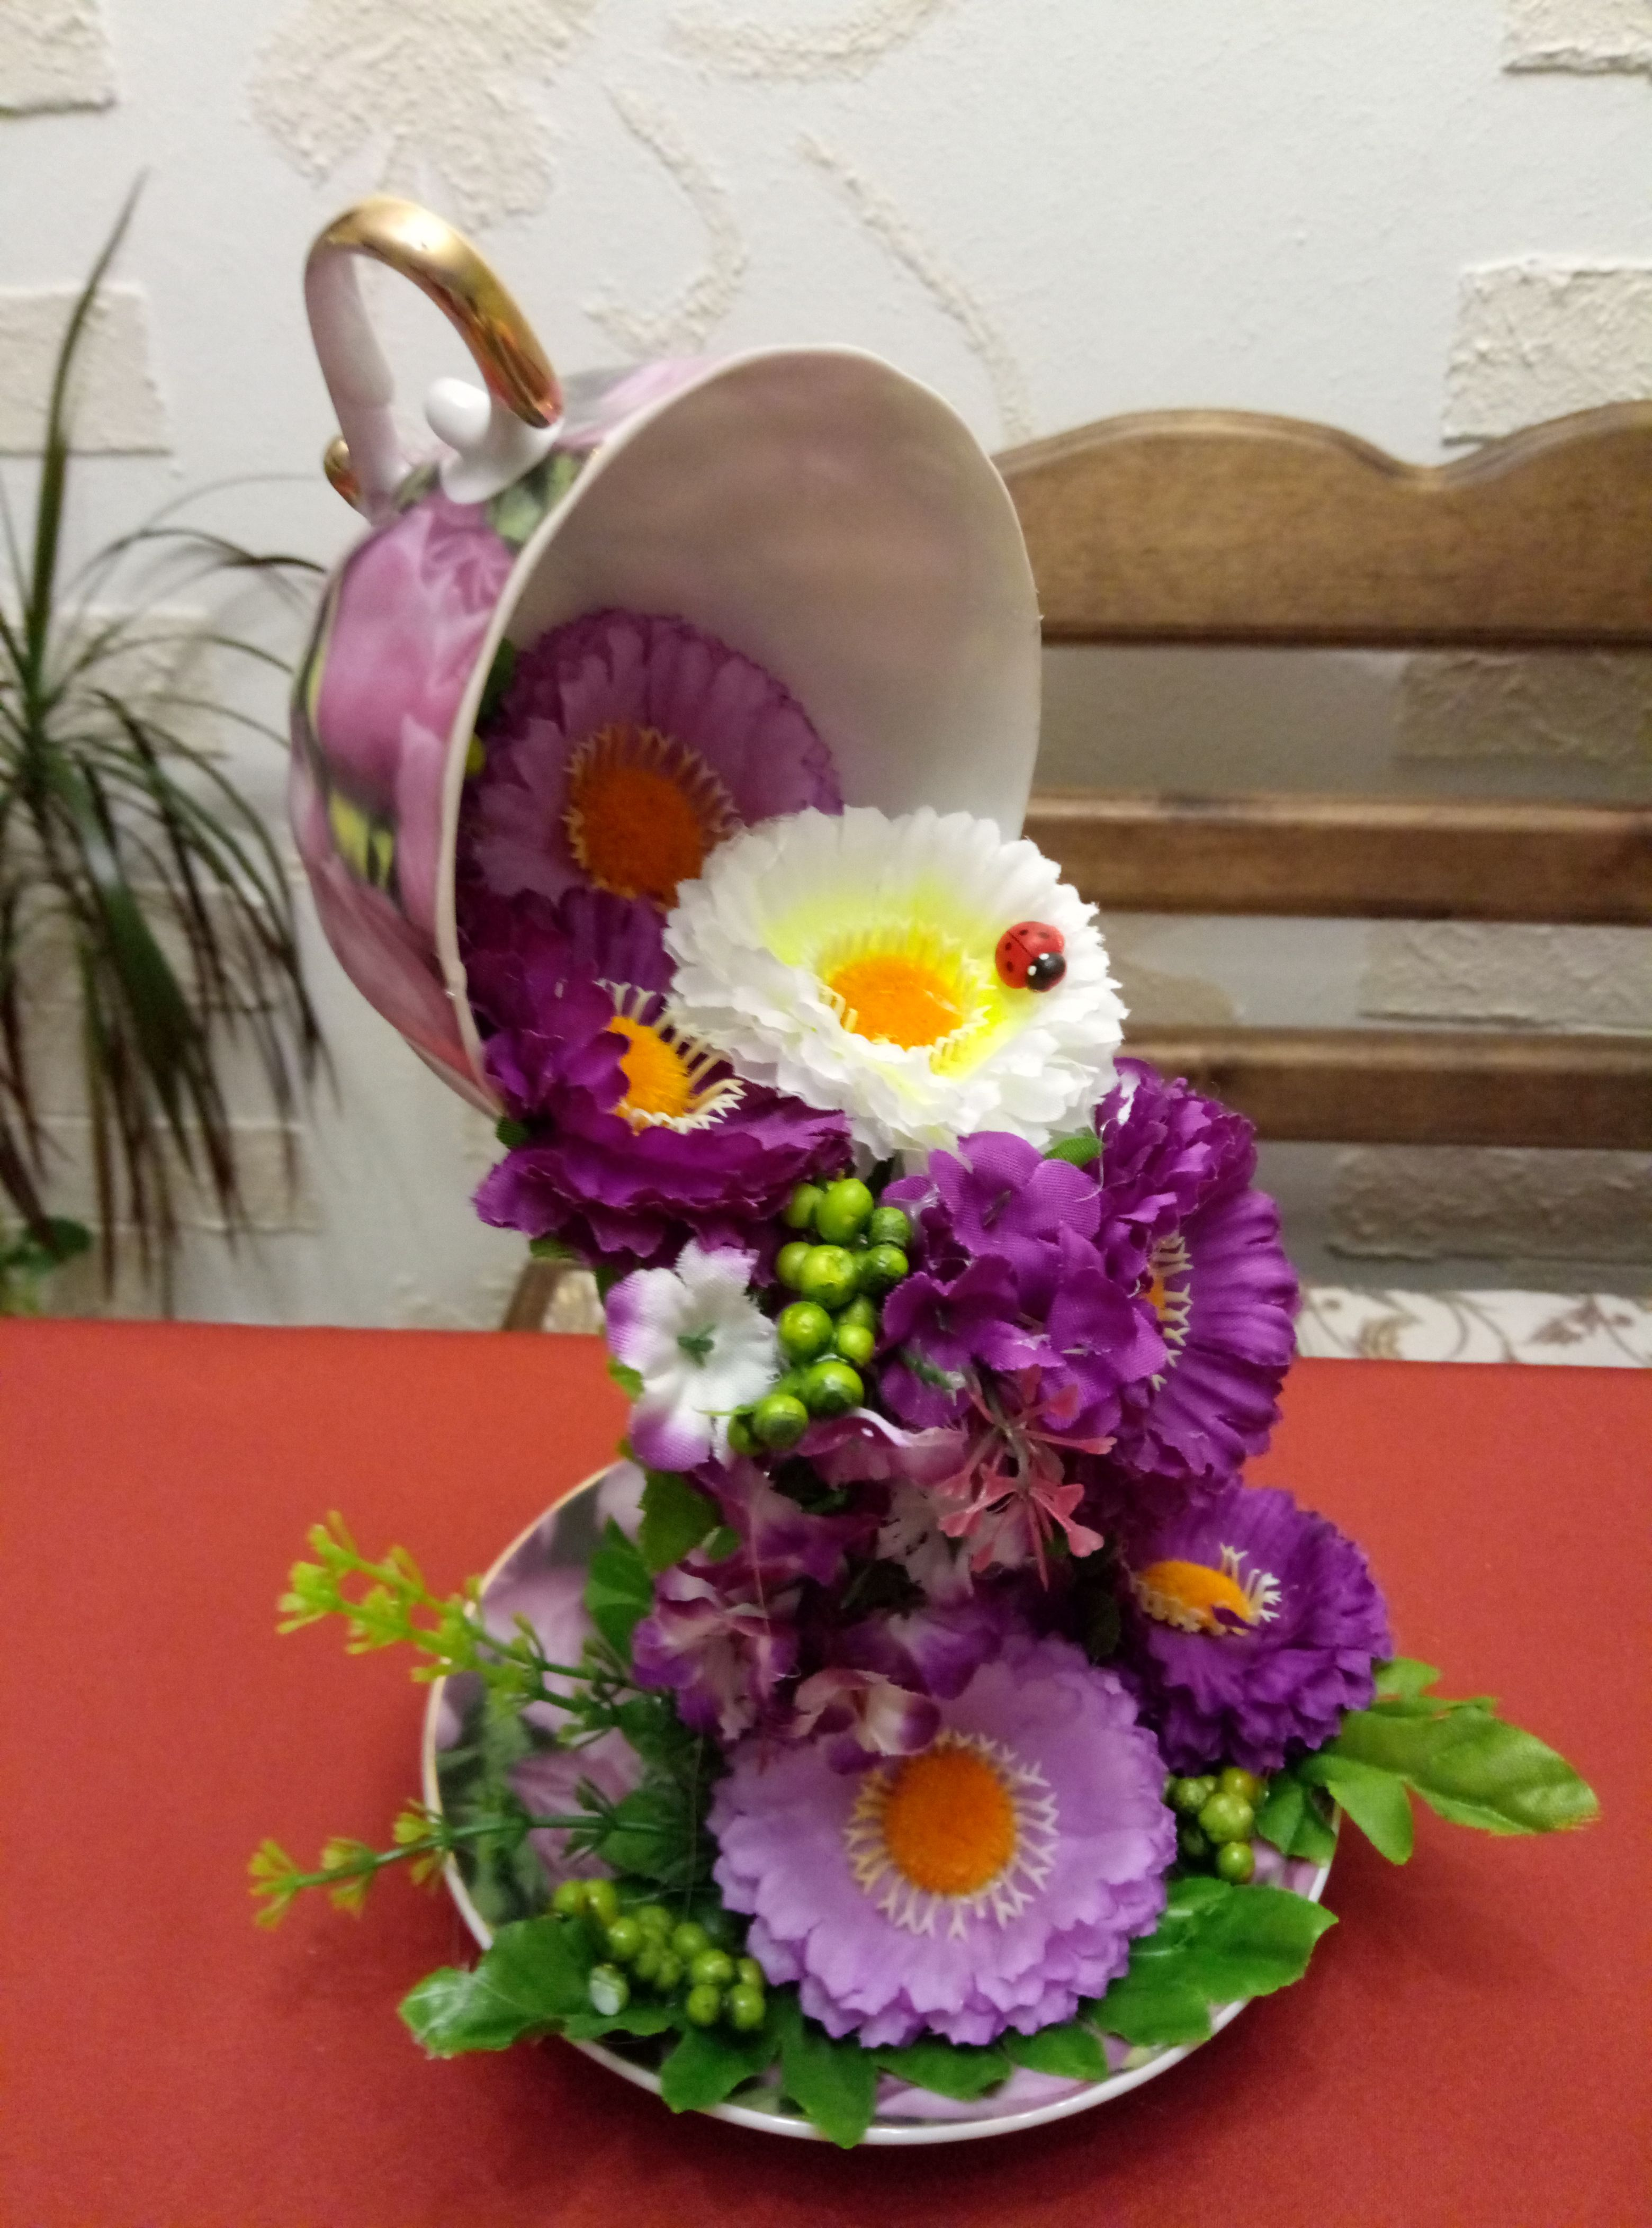 весна праздник цветы подарок